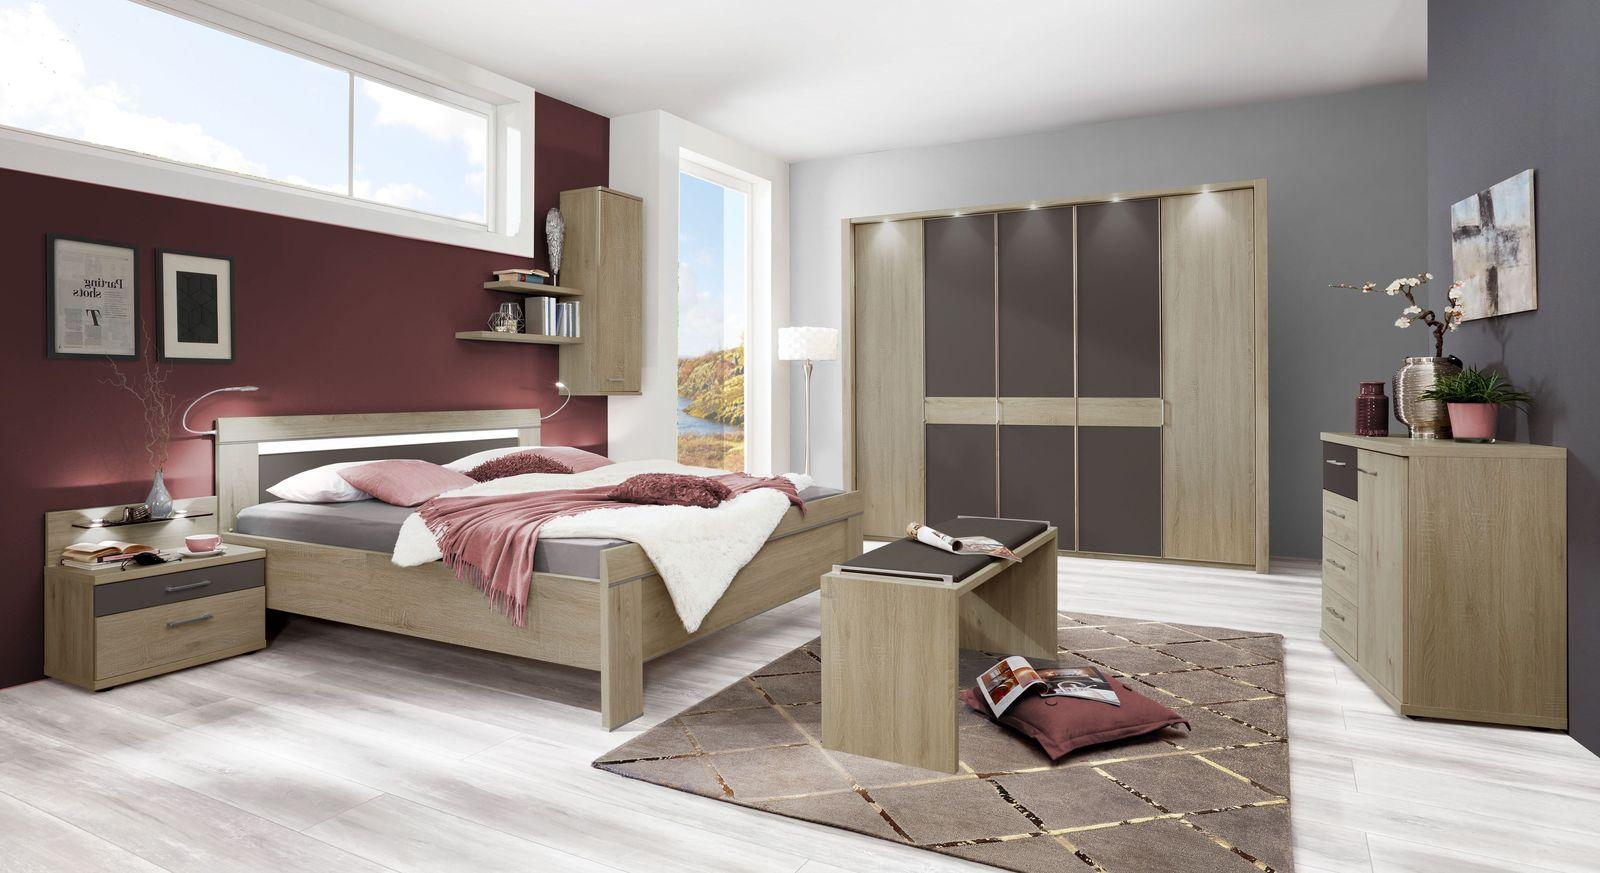 Komplett-Schlafzimmer Mallow in zeitloser Optik